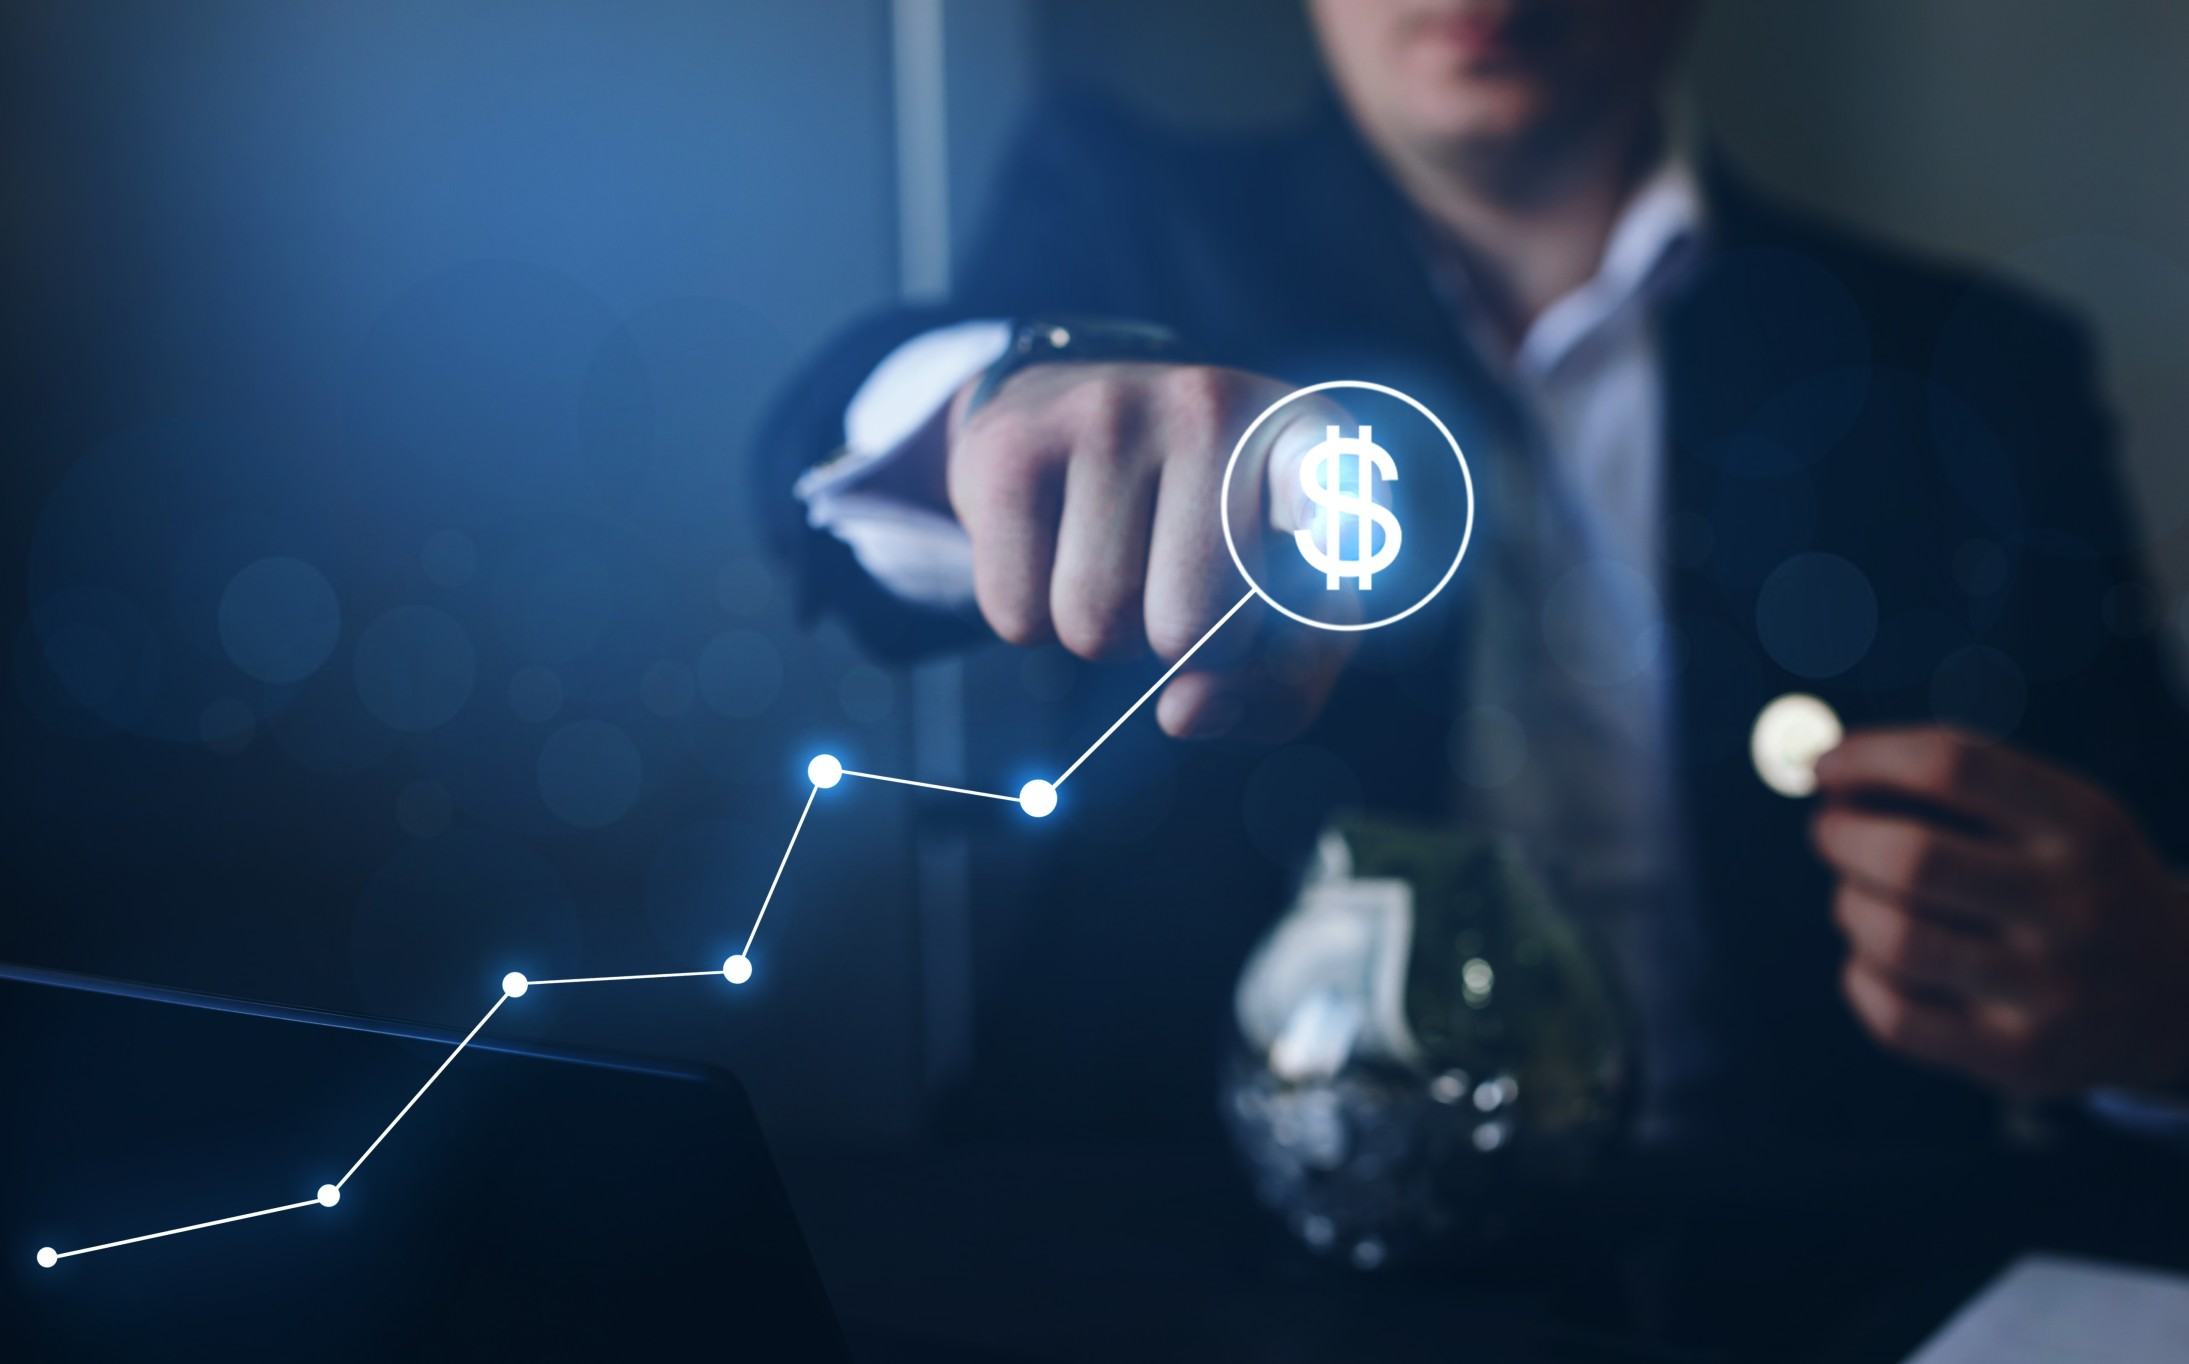 mastercarddan yeni kripto para platformu